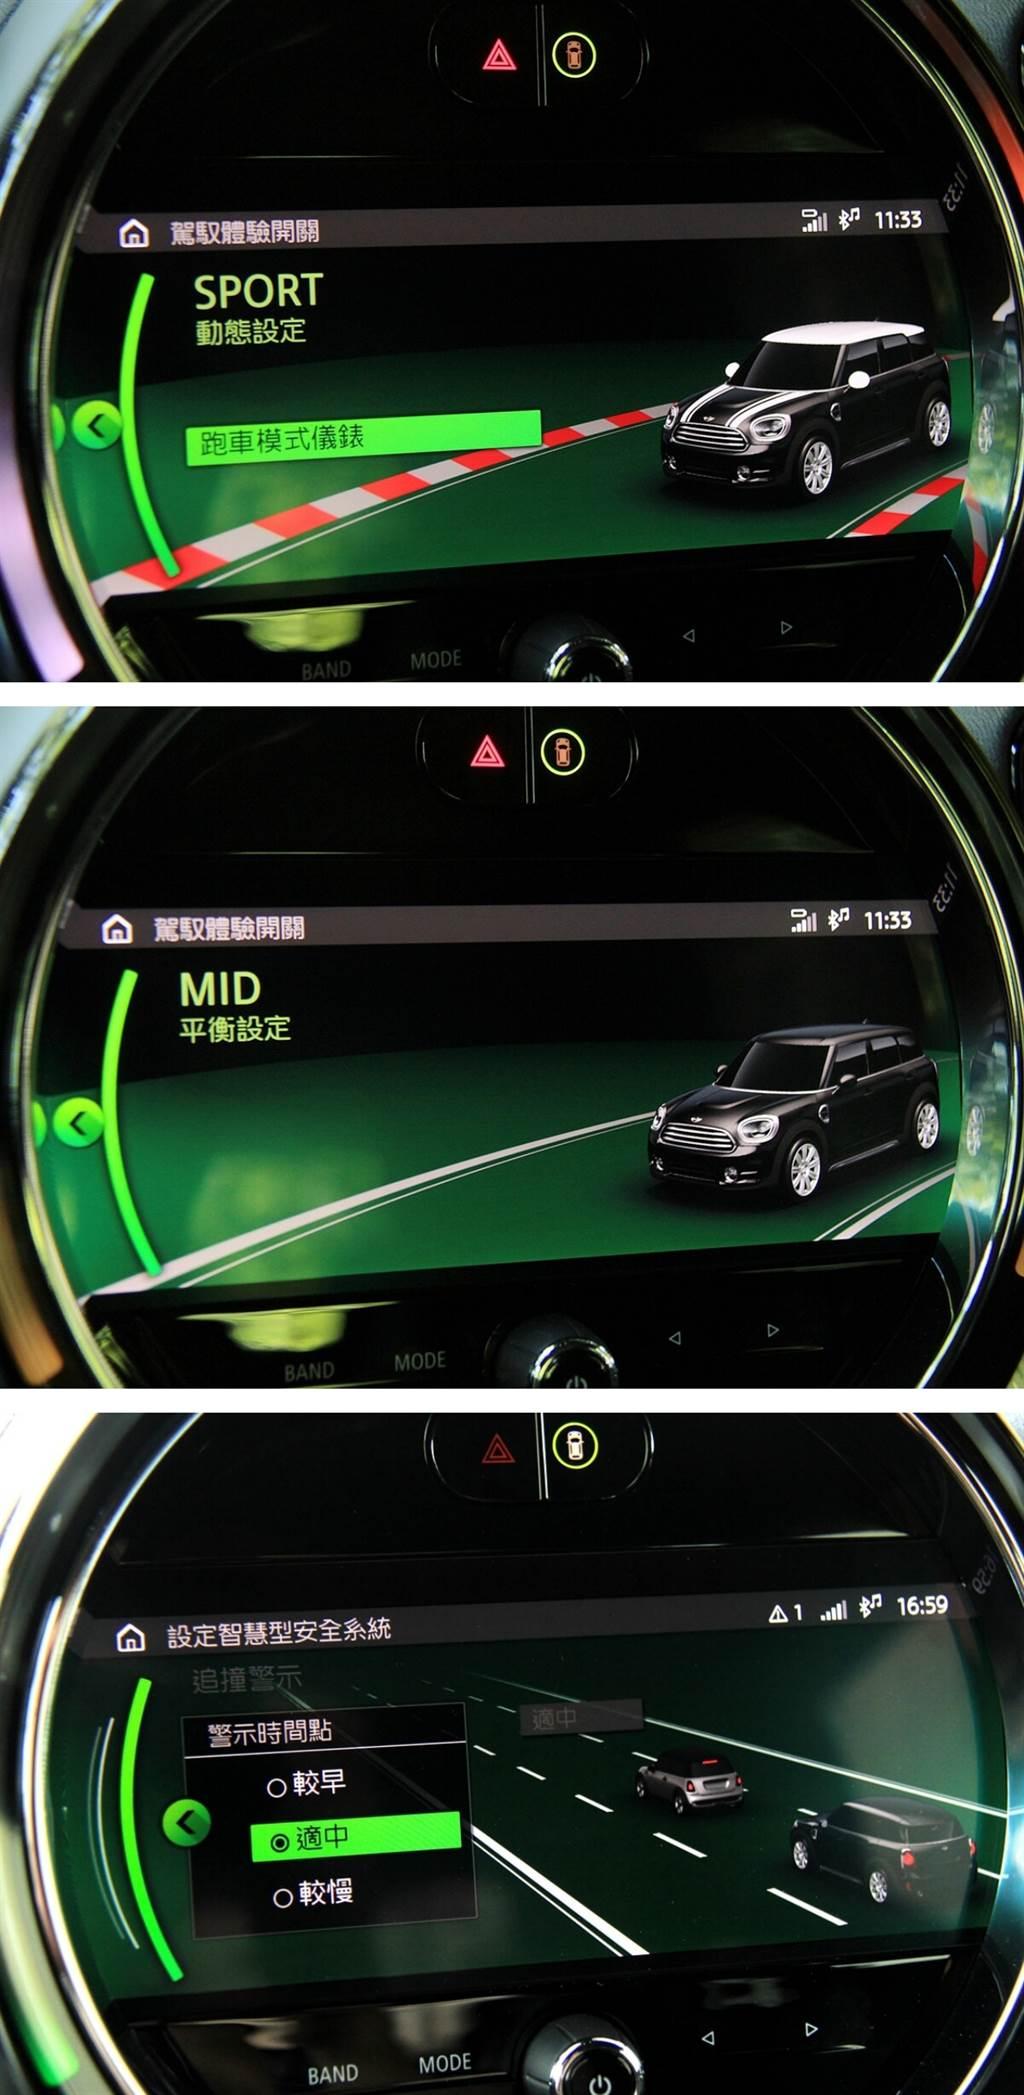 新款MINI John Cooper Works Countryman主動安全部分再升級,標配了碰撞預警系統,在時速大於60公里的駕駛情況下,經由高解析度攝影系統偵測計算與前車的距離,當系統判定距離正急速縮短時,儀錶板警示燈即會自動亮起;駕駛若仍未採取煞車動作,儀錶板警示燈將會閃爍並發出警示音,同時自動啟動動態煞車系統,加強煞車力道;而時速5~60公里之間,若駕駛經前兩階段的預先警示後仍未採取煞車動作,系統將介入輔助煞車,最長可煞1.5秒。另外,碰撞預警系統同時包含都會行人碰撞預警功能,在時速10~60公里的駕駛情況下,如偵測到前方有行人,儀錶板警示燈與警示音將會自動啟動,系統會適時介入輔助煞車,最長亦可執行自動煞車1.5秒。(圖/CarStuff)